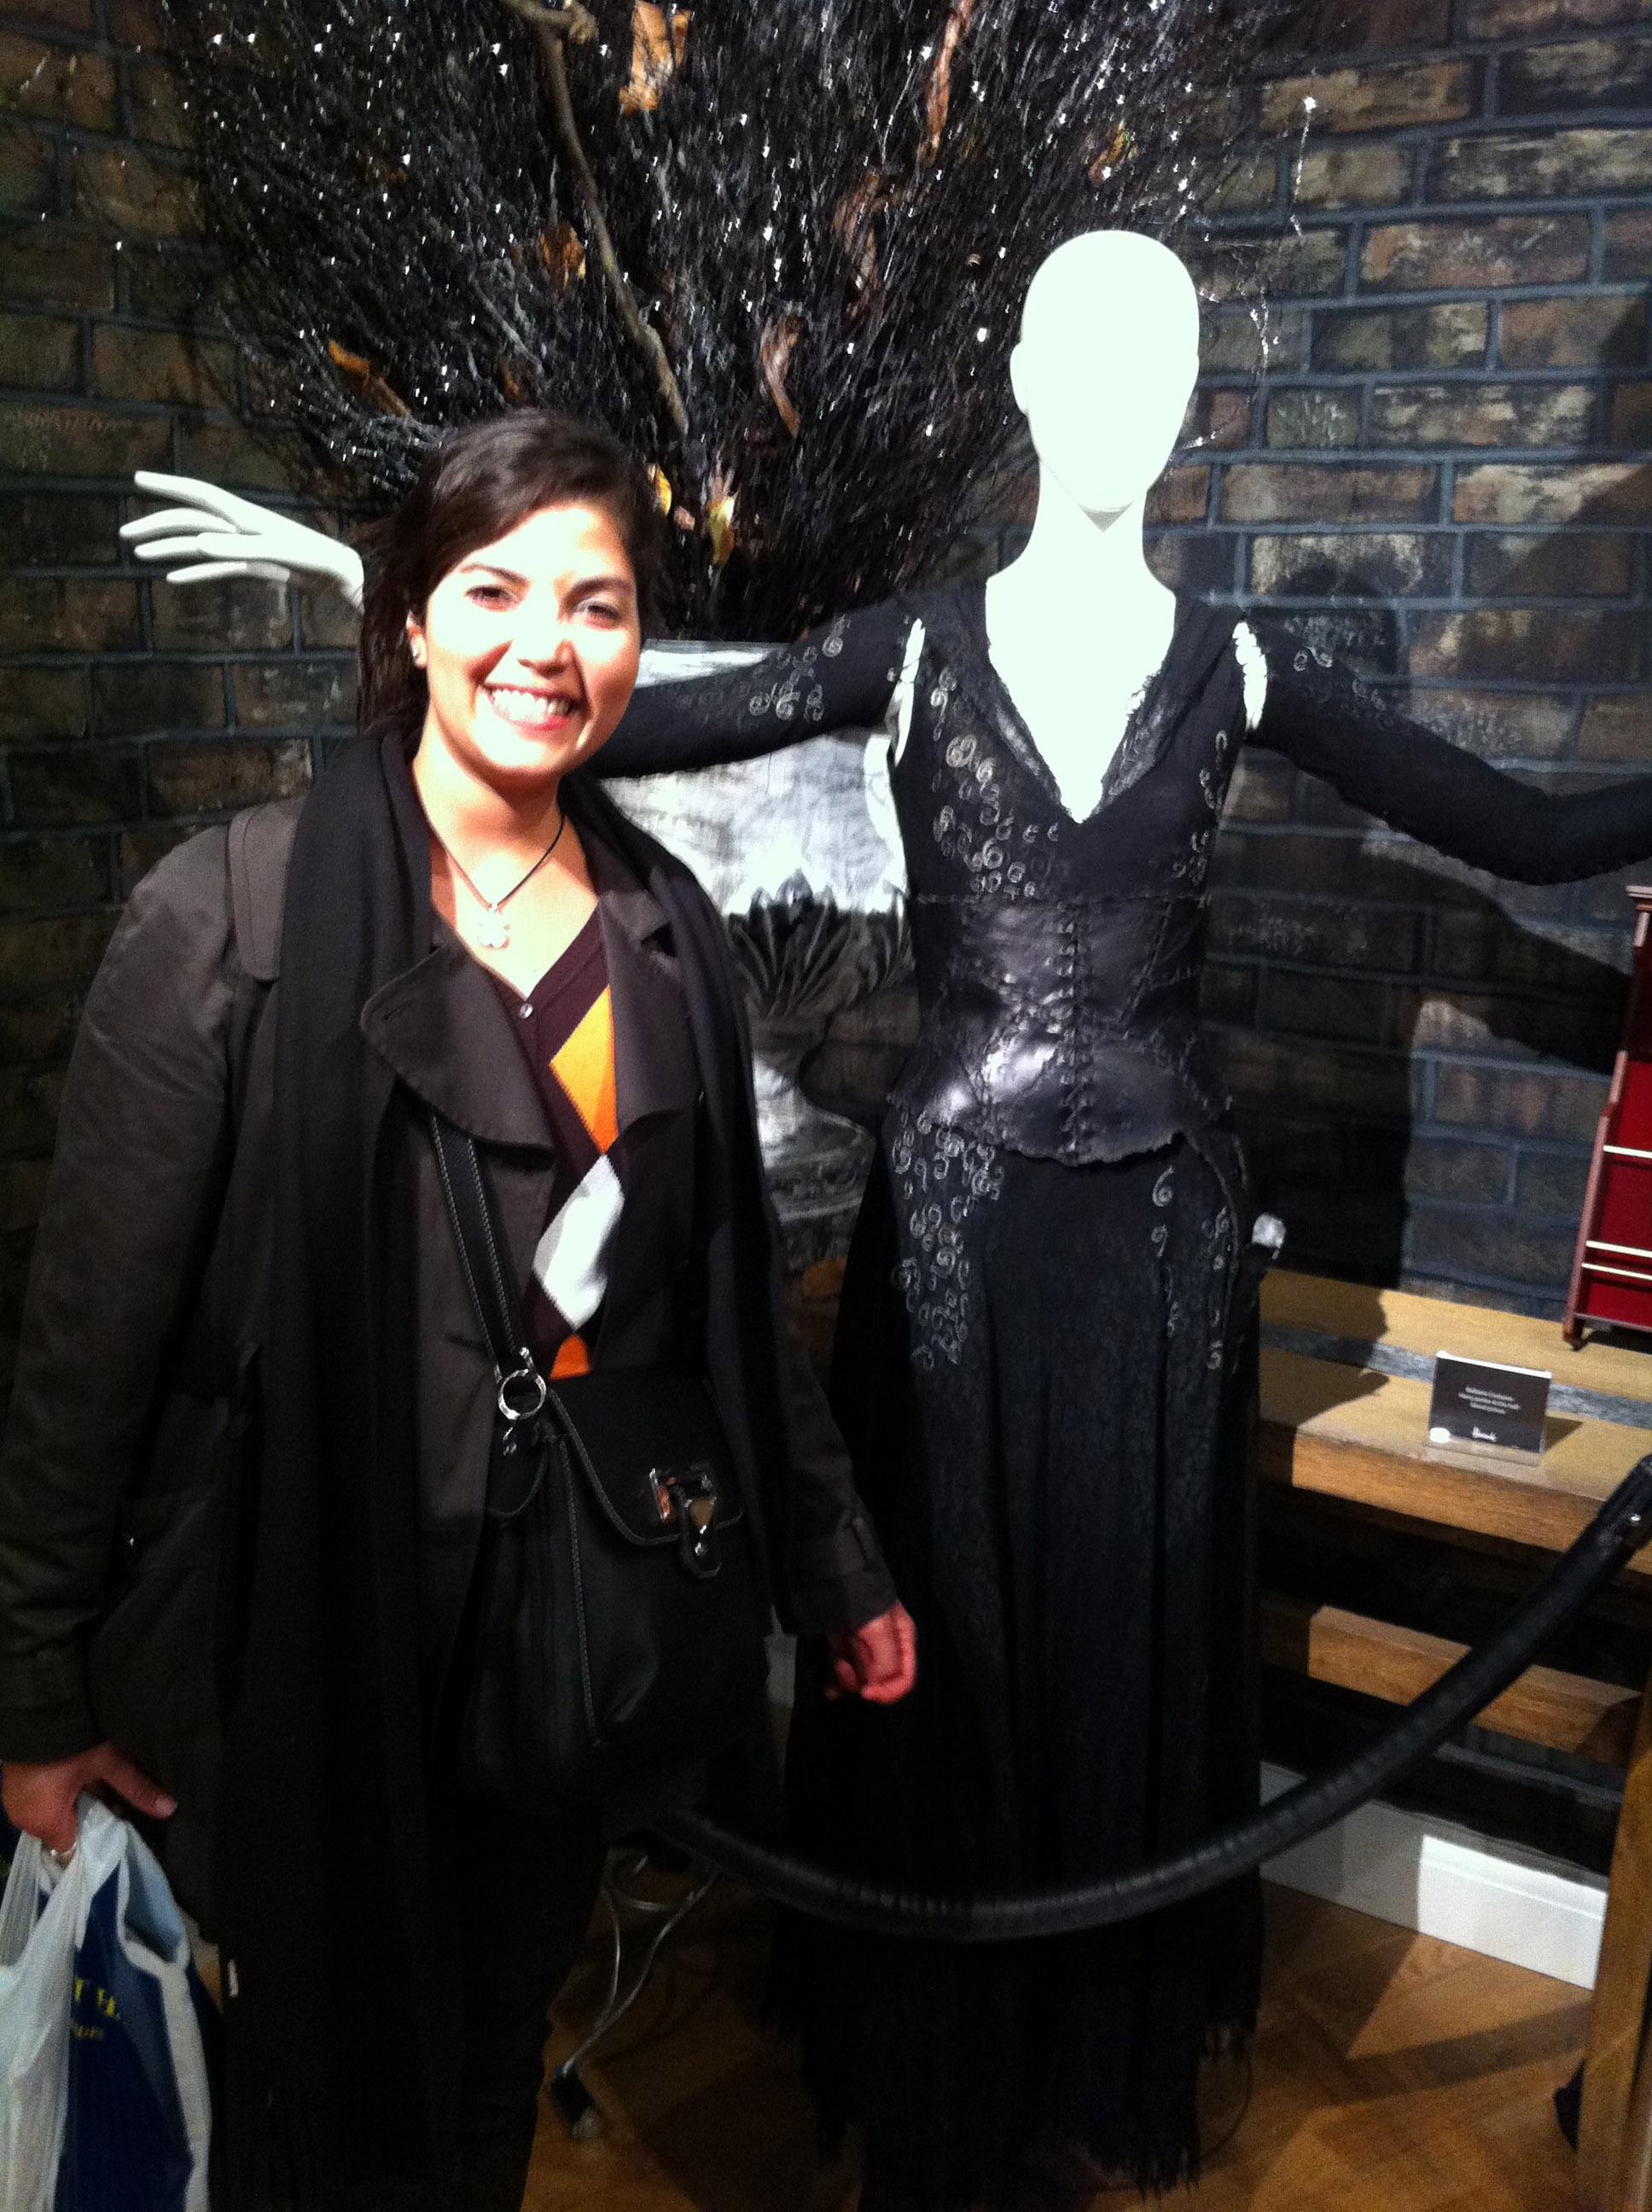 Atuendo de Bellatrix Lestrange en Harrods